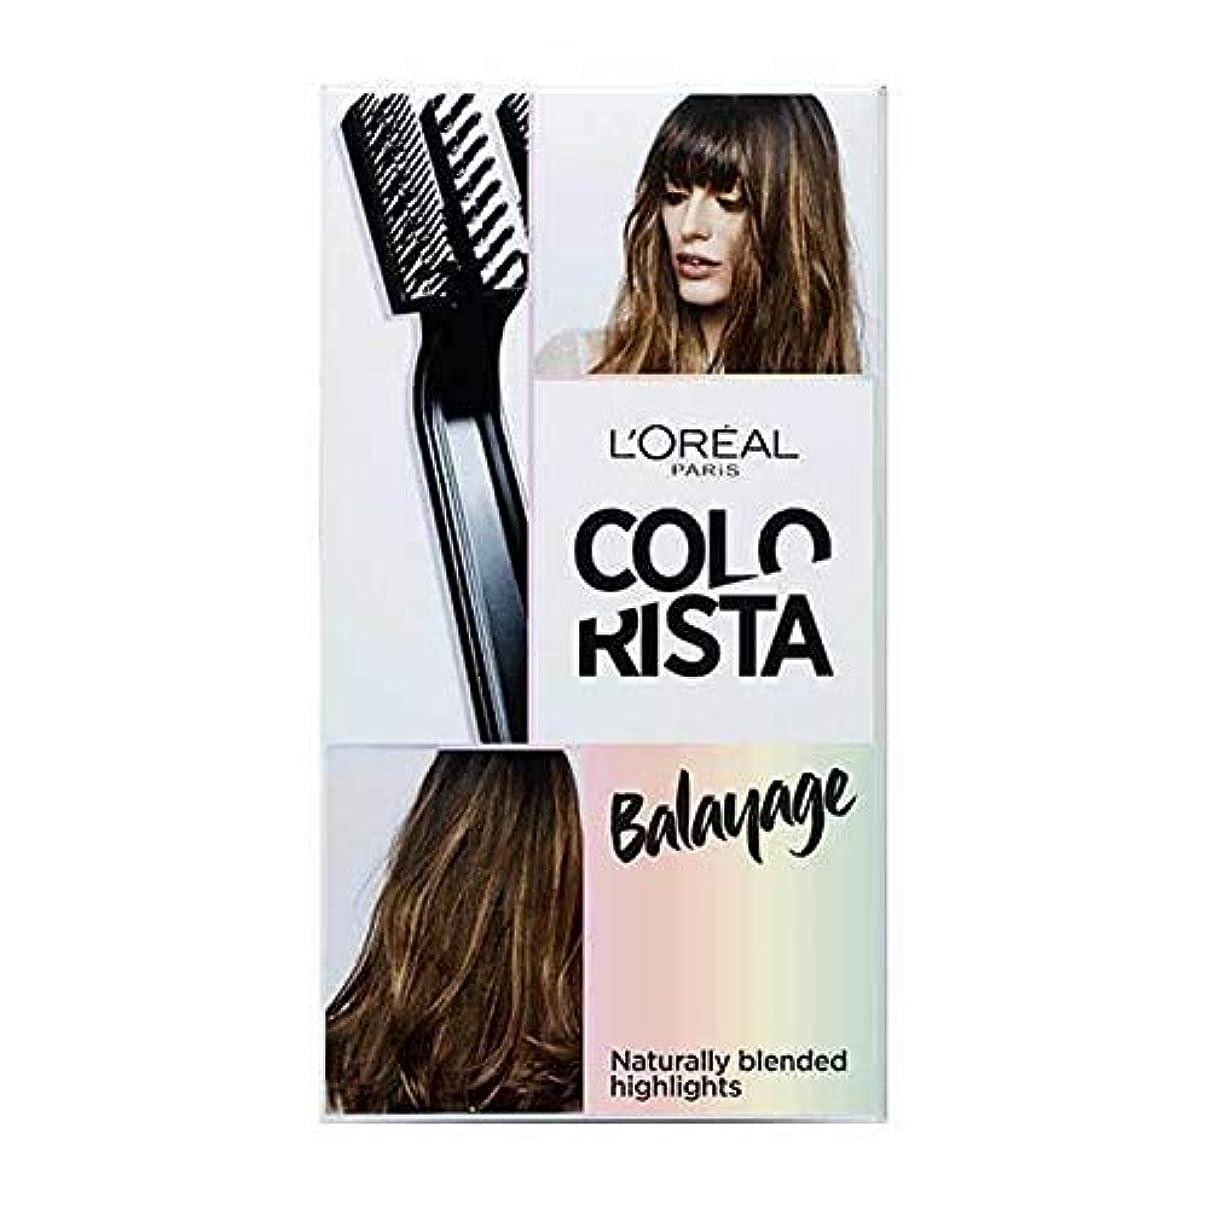 専らお母さんそばに[Colorista] Colorista効果Balayage毛 - Colorista Effect Balayage Hair [並行輸入品]